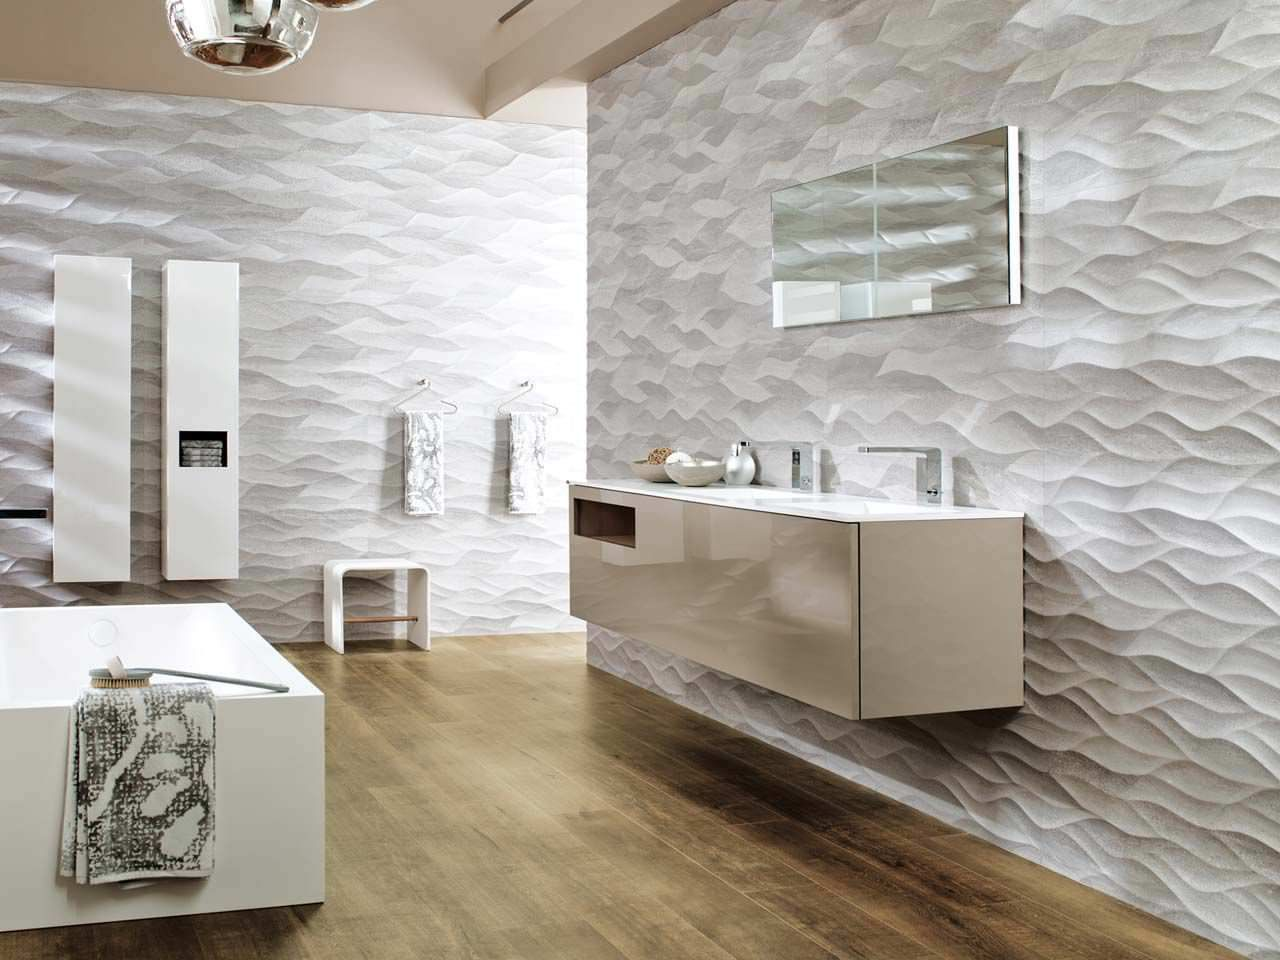 Piastrella da bagno da pavimento in ceramica motivi geometrici